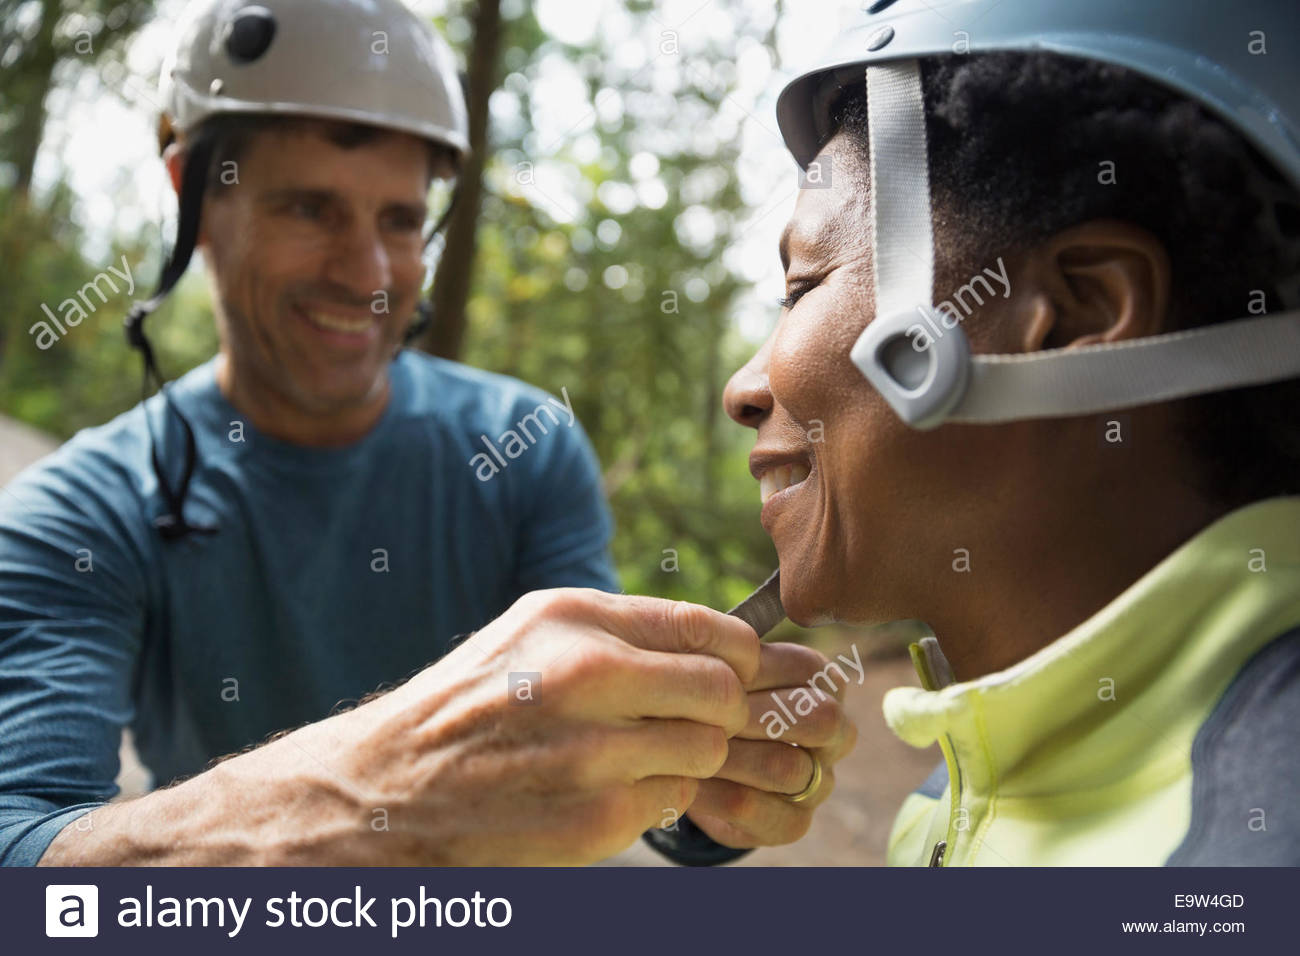 Hombre womans escalada casco de sujeción Imagen De Stock